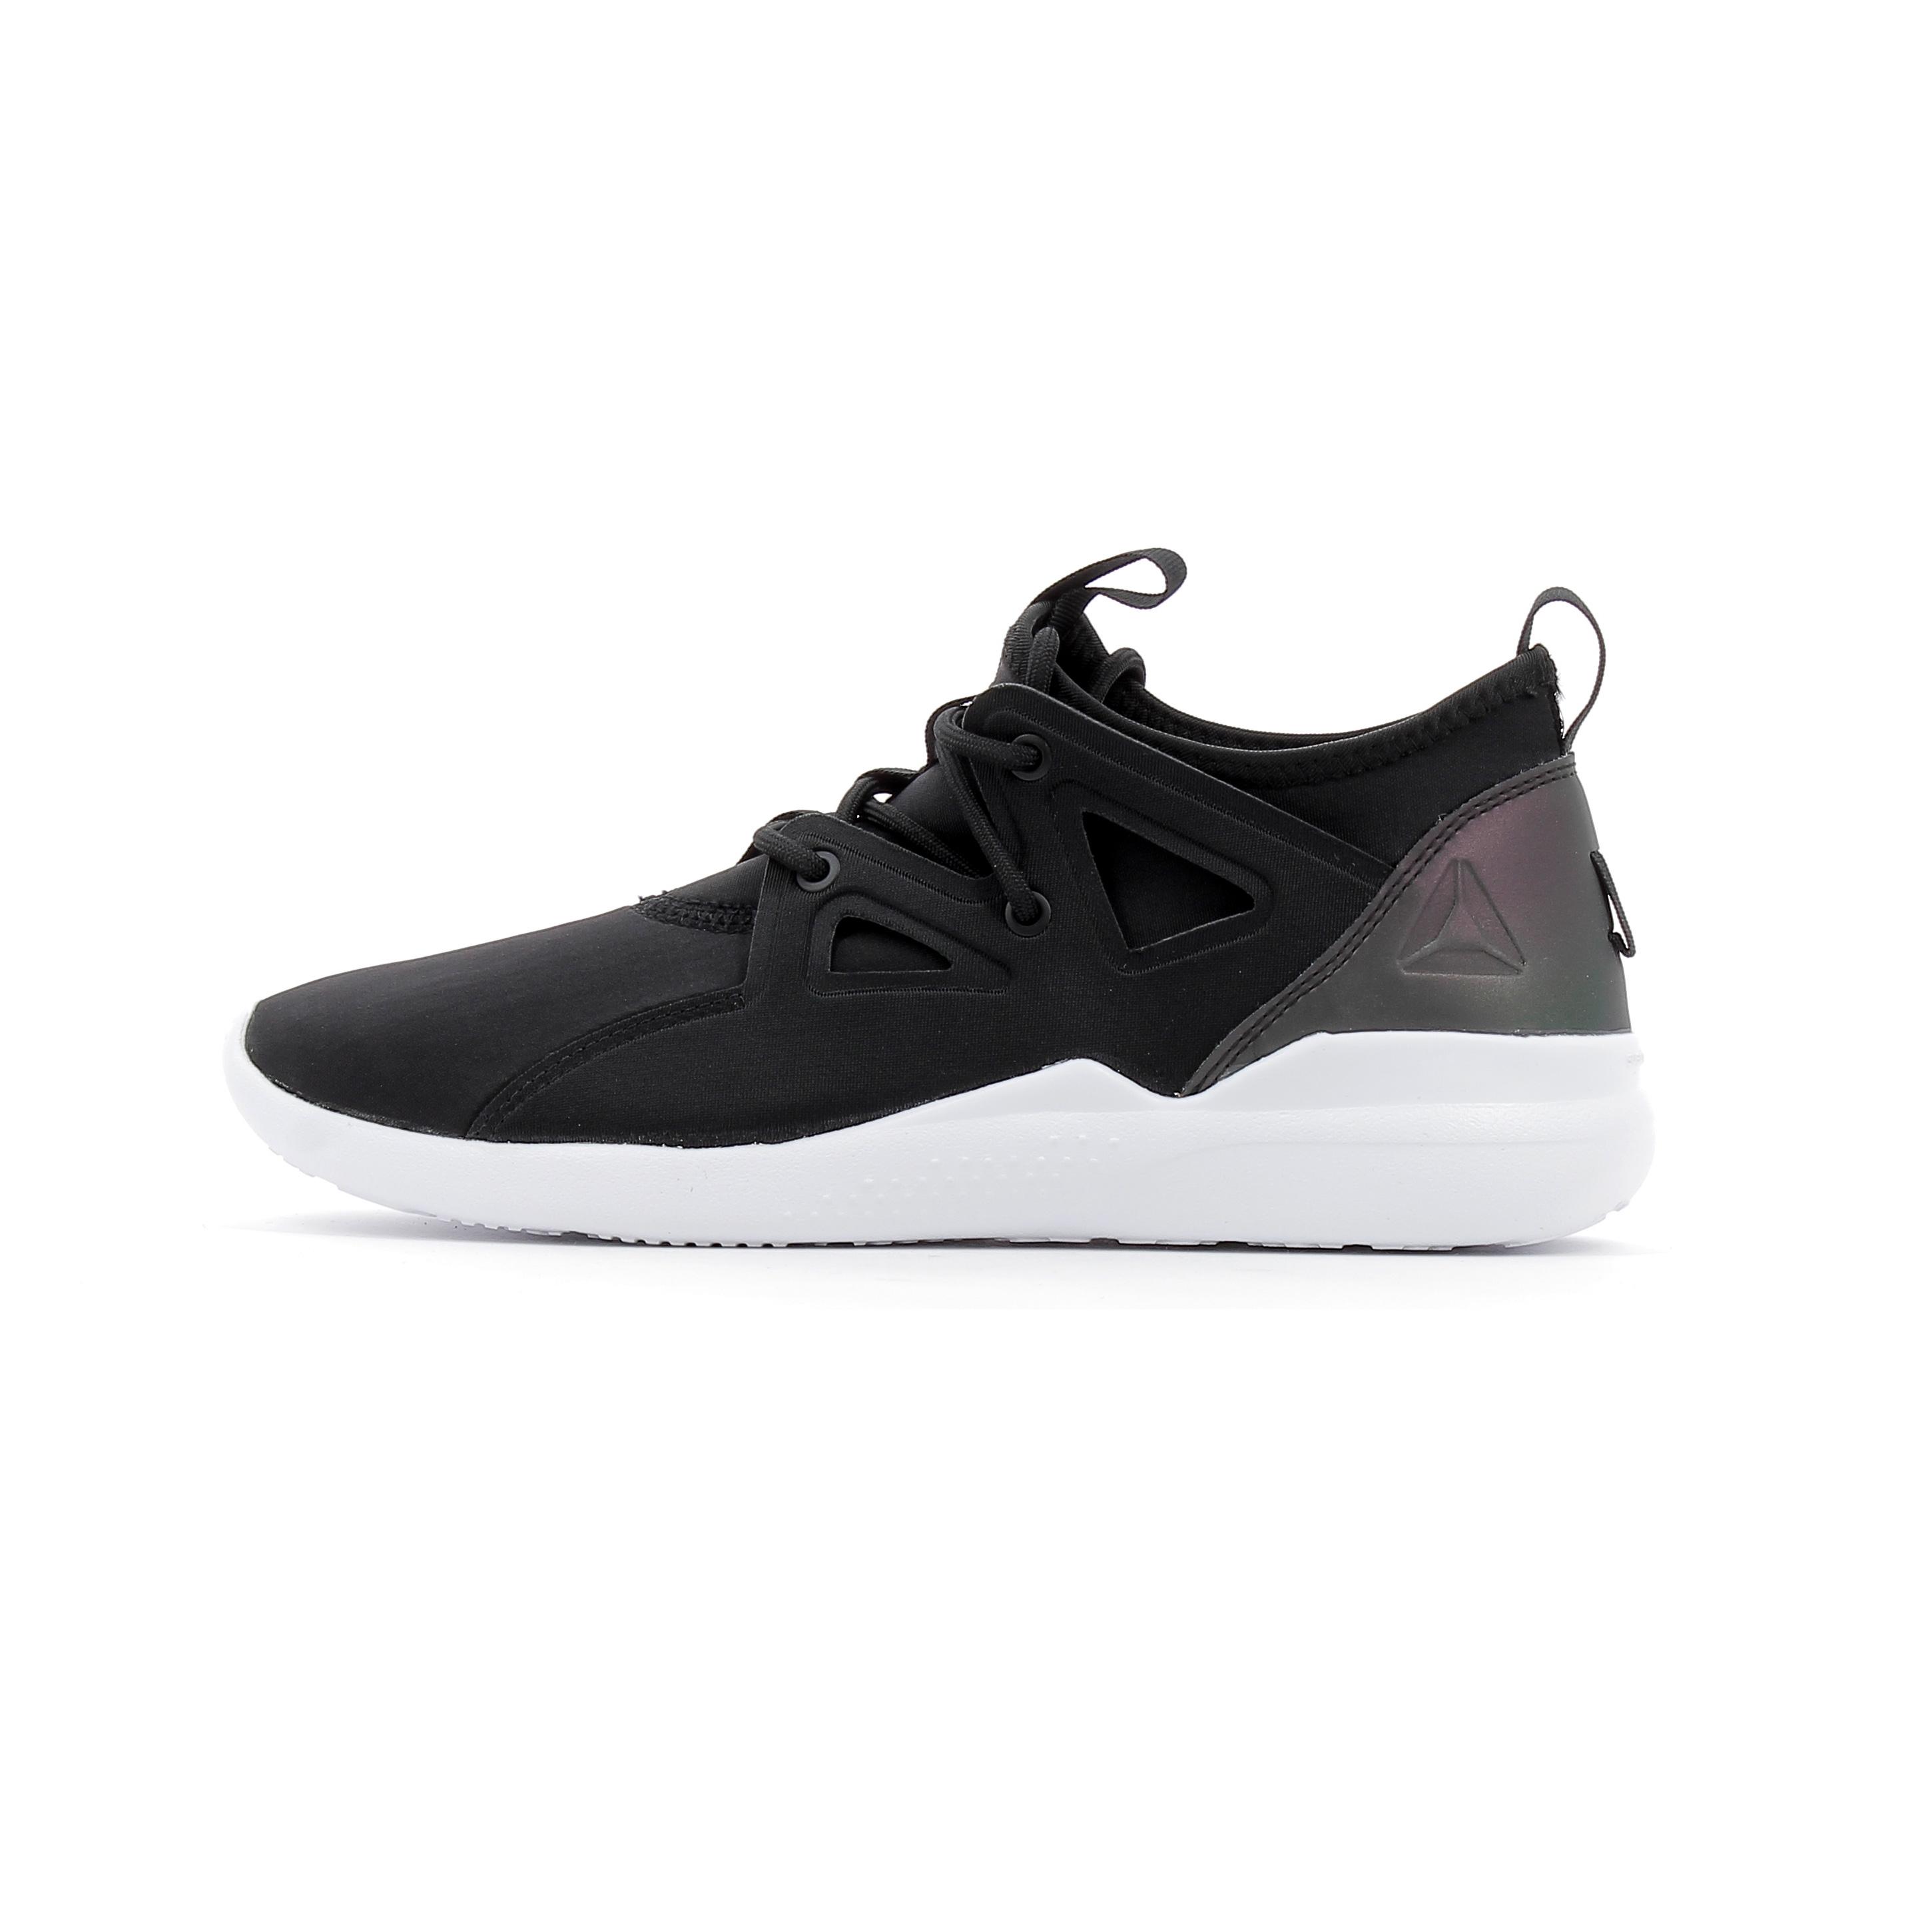 b00e8e18e3a Chaussures de Cross Training Femme Reebok Cardio Motion Noir ...